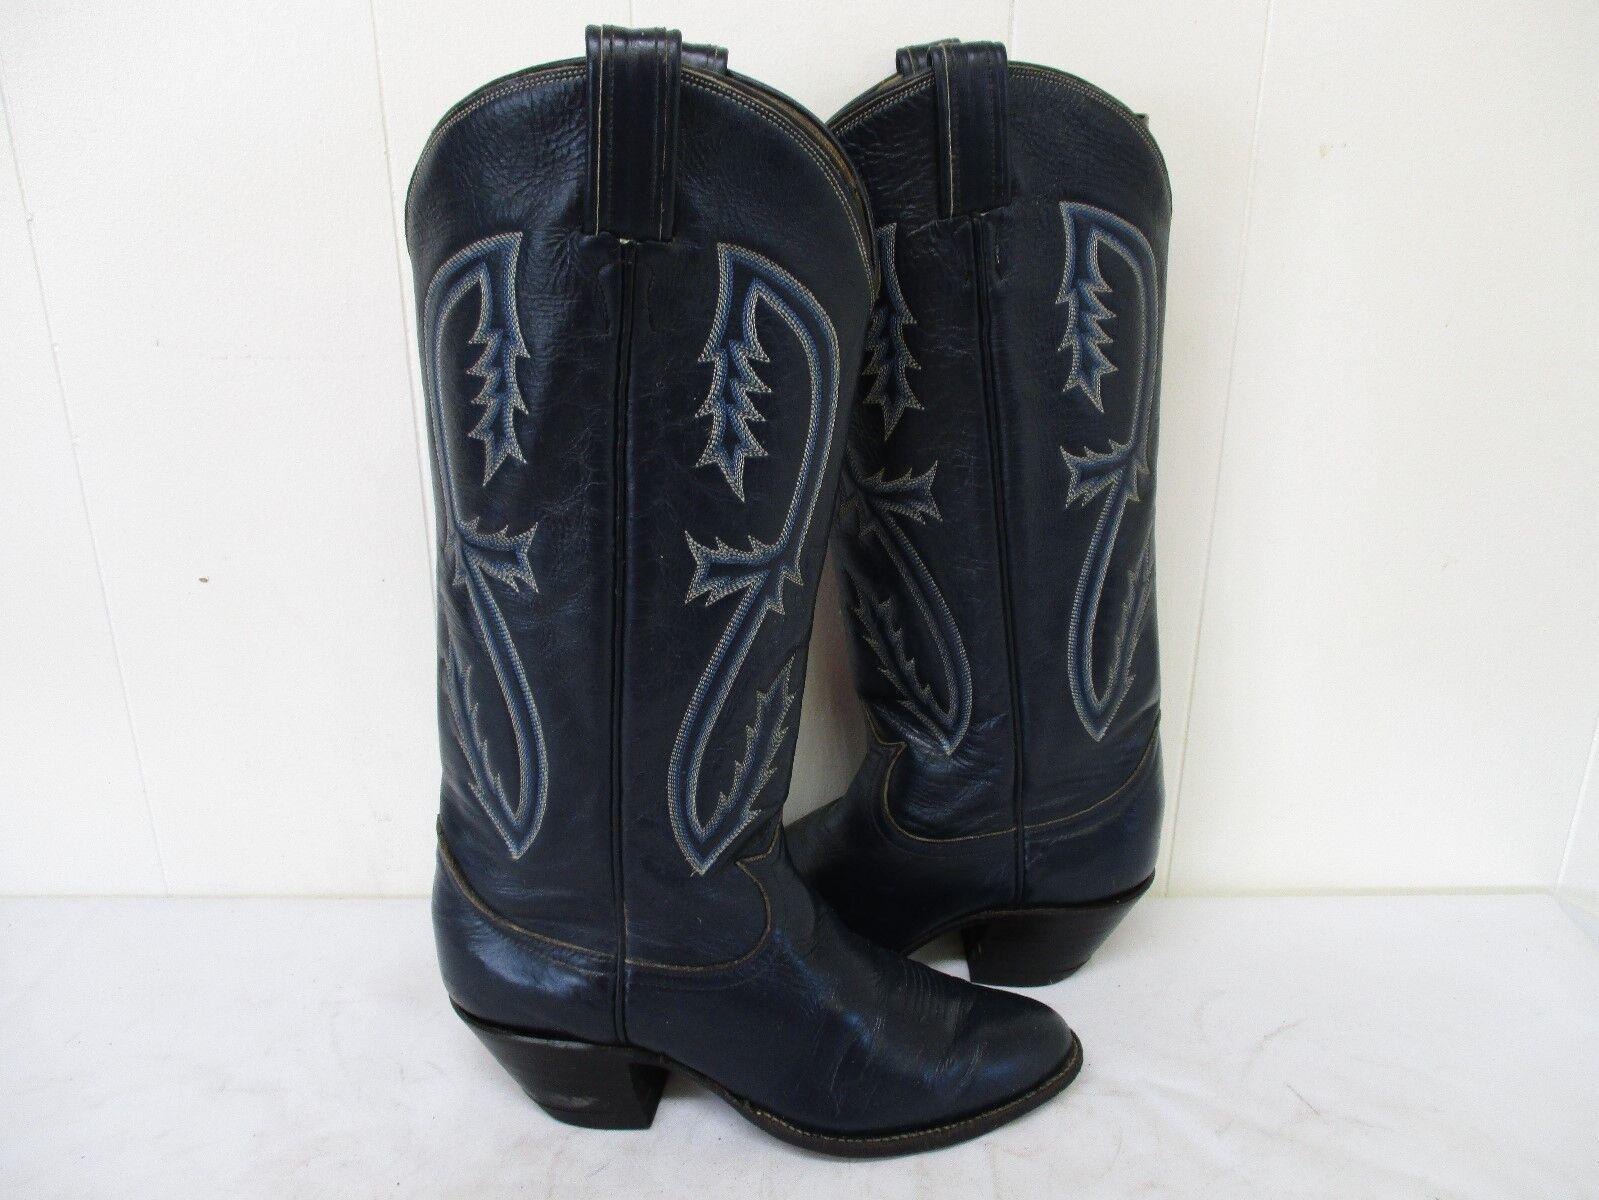 Tony Lama Blau Leder Tall Cowboy Stiefel Damenschuhe Größe 6 B Style K0556 USA